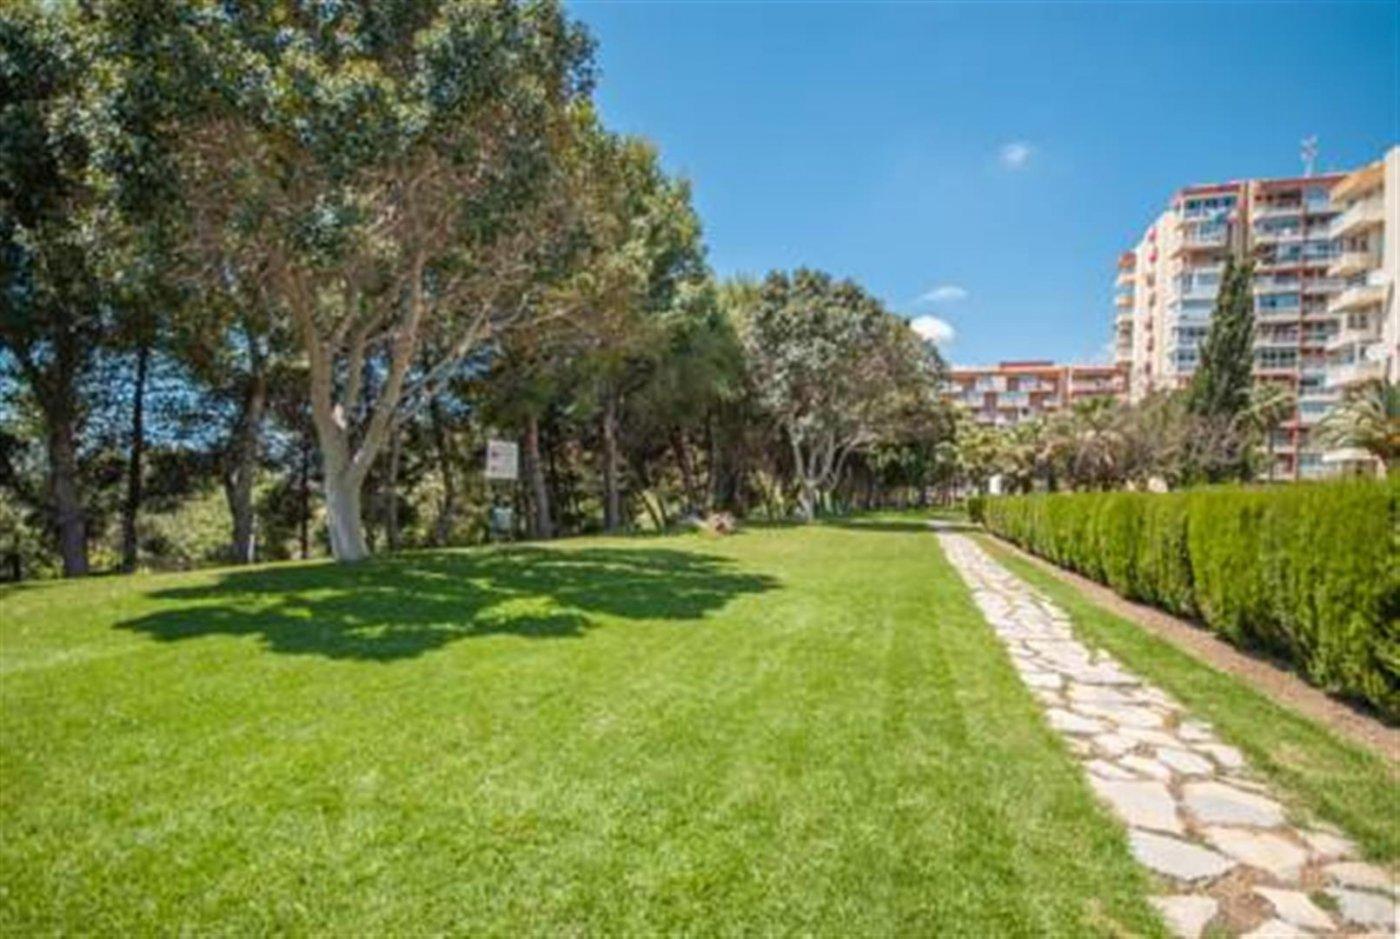 Apartamento · Benalmádena · Arroyo De La Miel 125.000€€